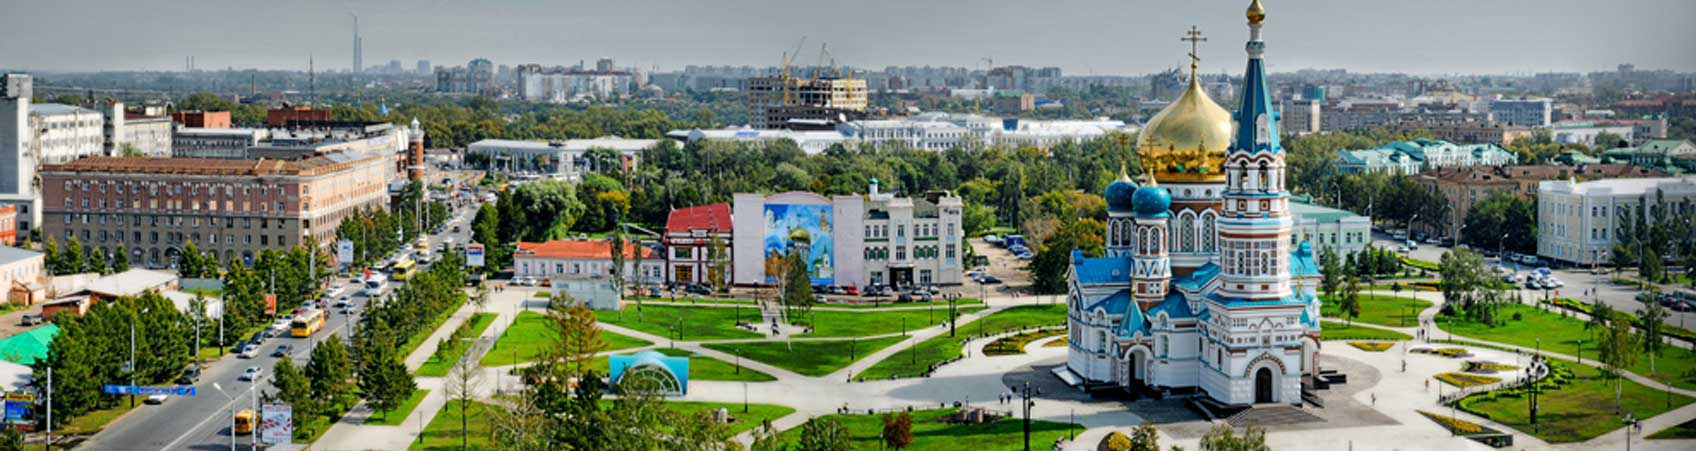 Омск - Соборная площадь